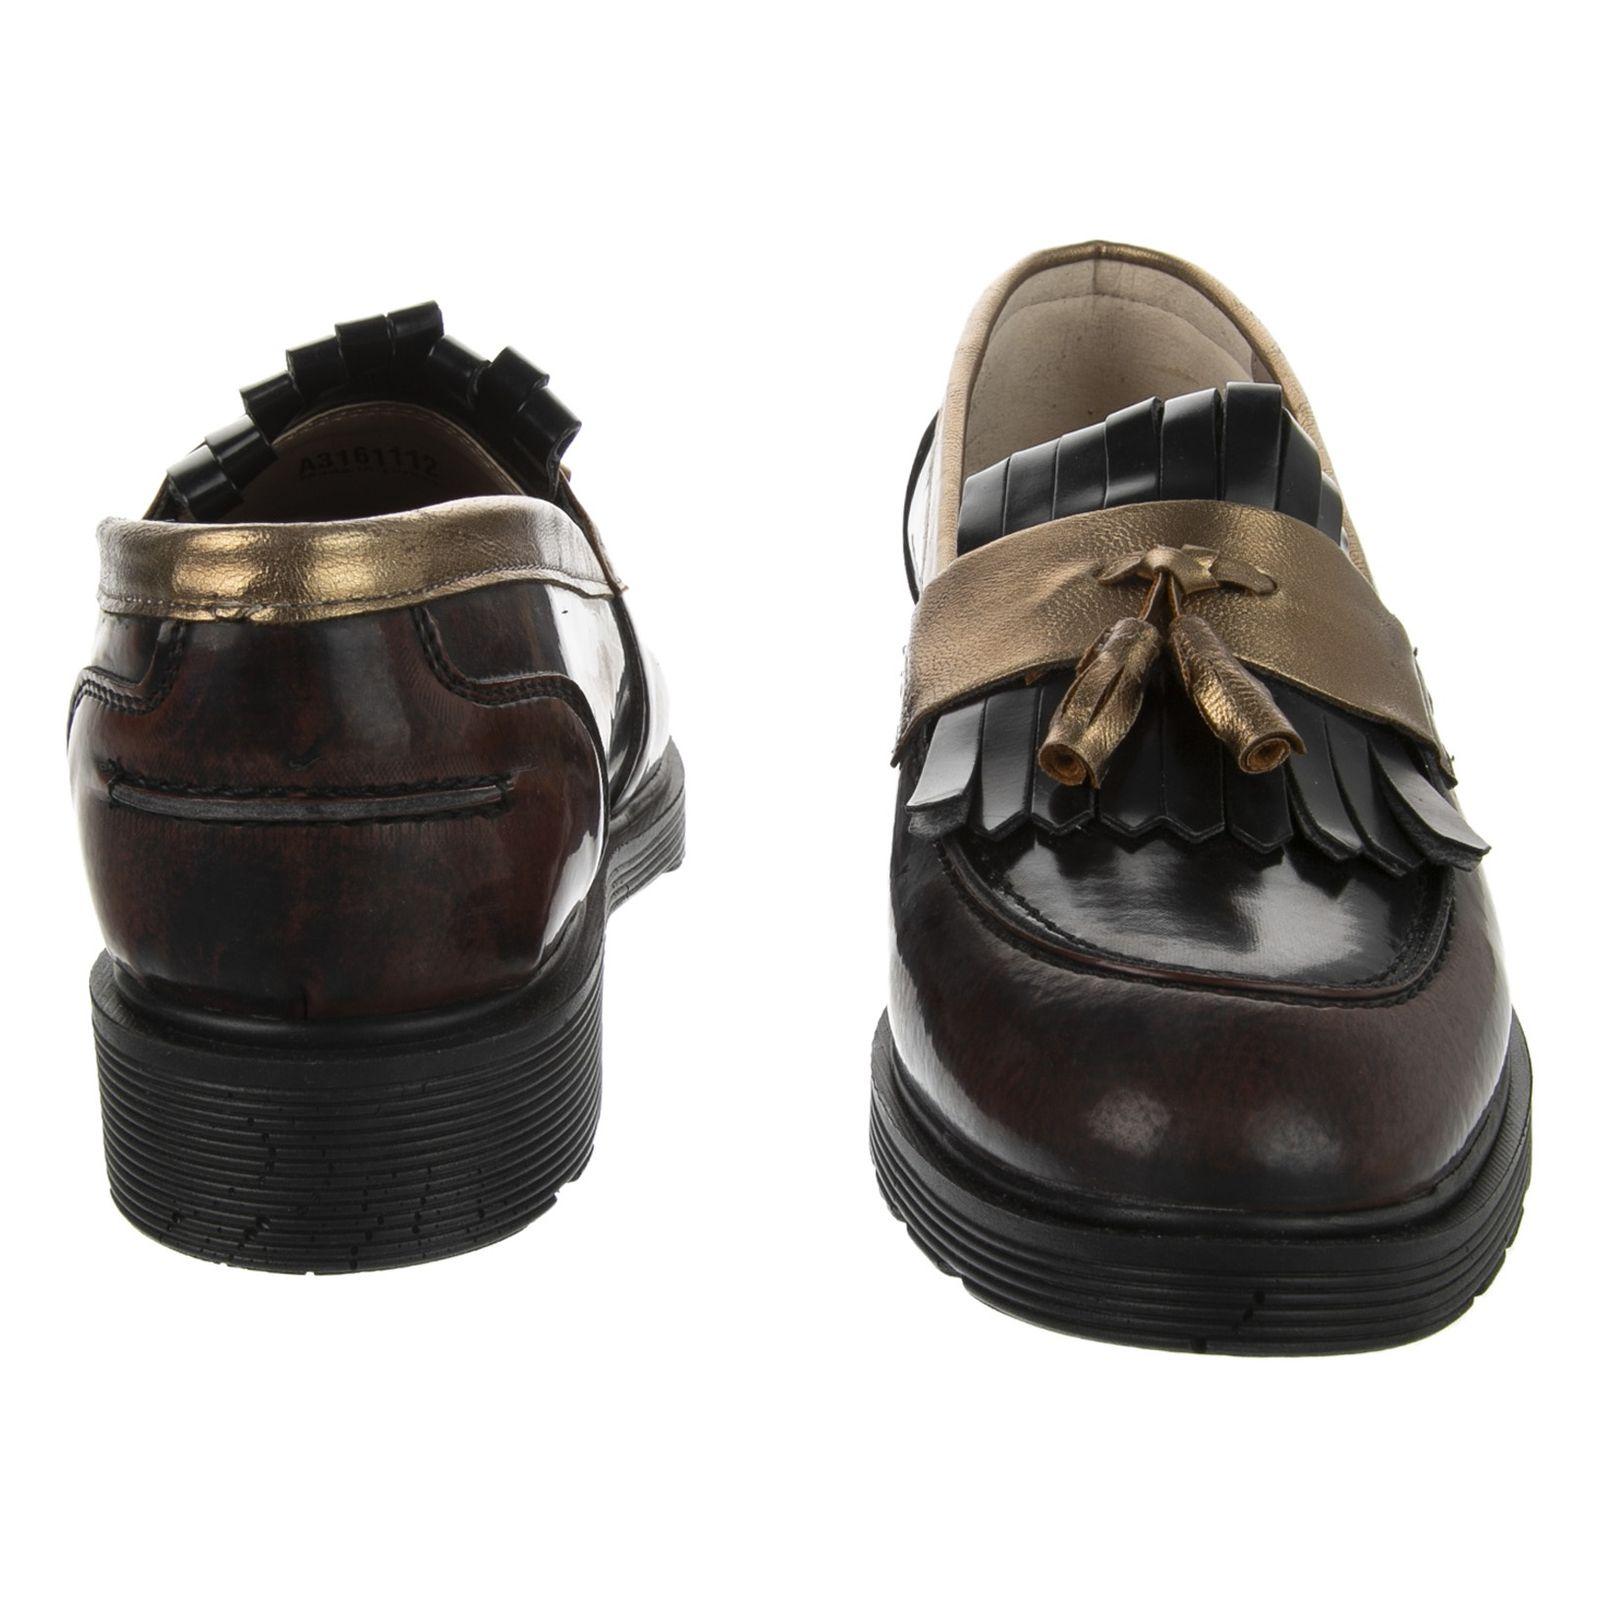 کفش زنانه بوتیگو مدل 100229509-Bu -  - 6